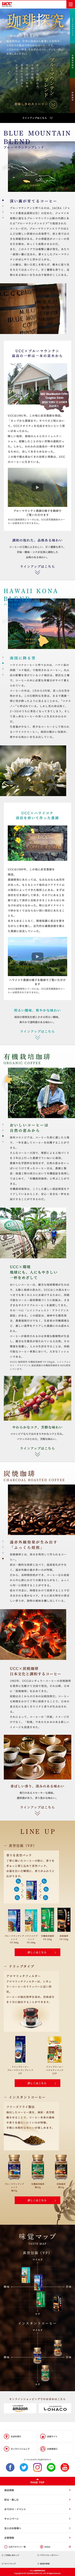 ホームページ制作実績珈琲探究[UCC上島珈琲株式会社]